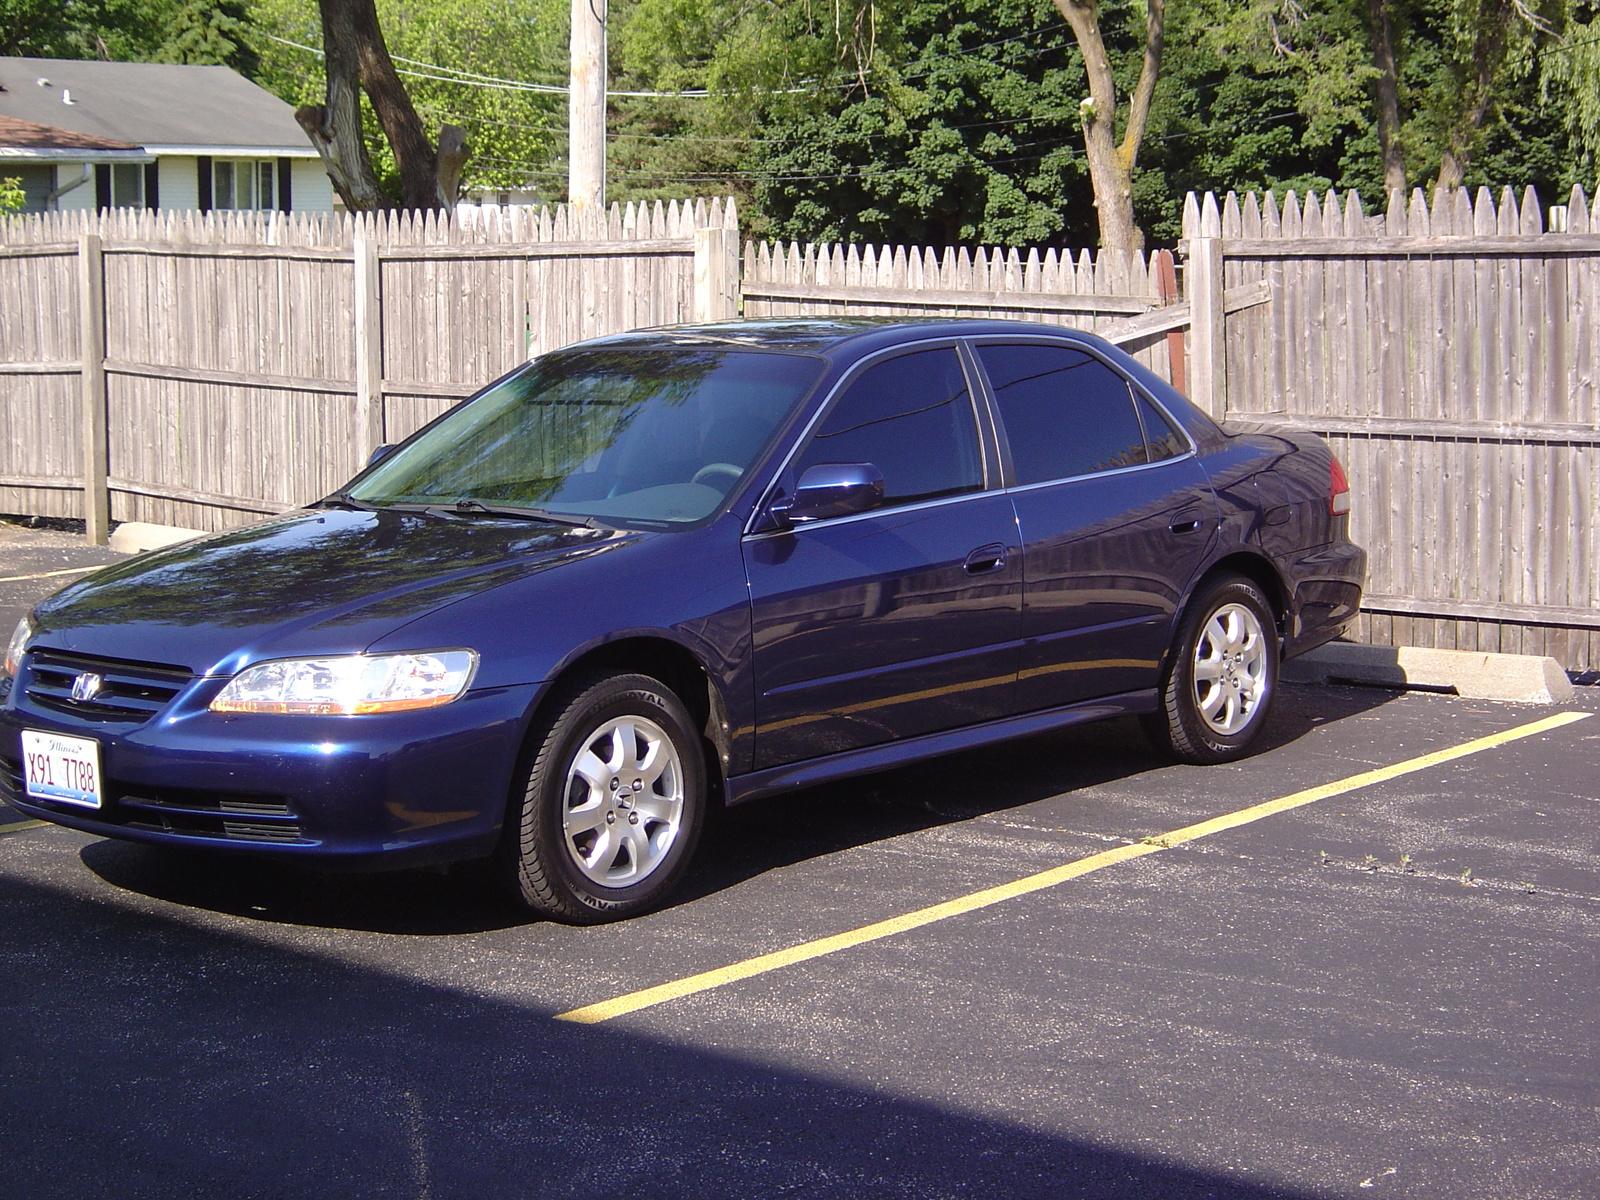 2002 Honda Accord Image 17